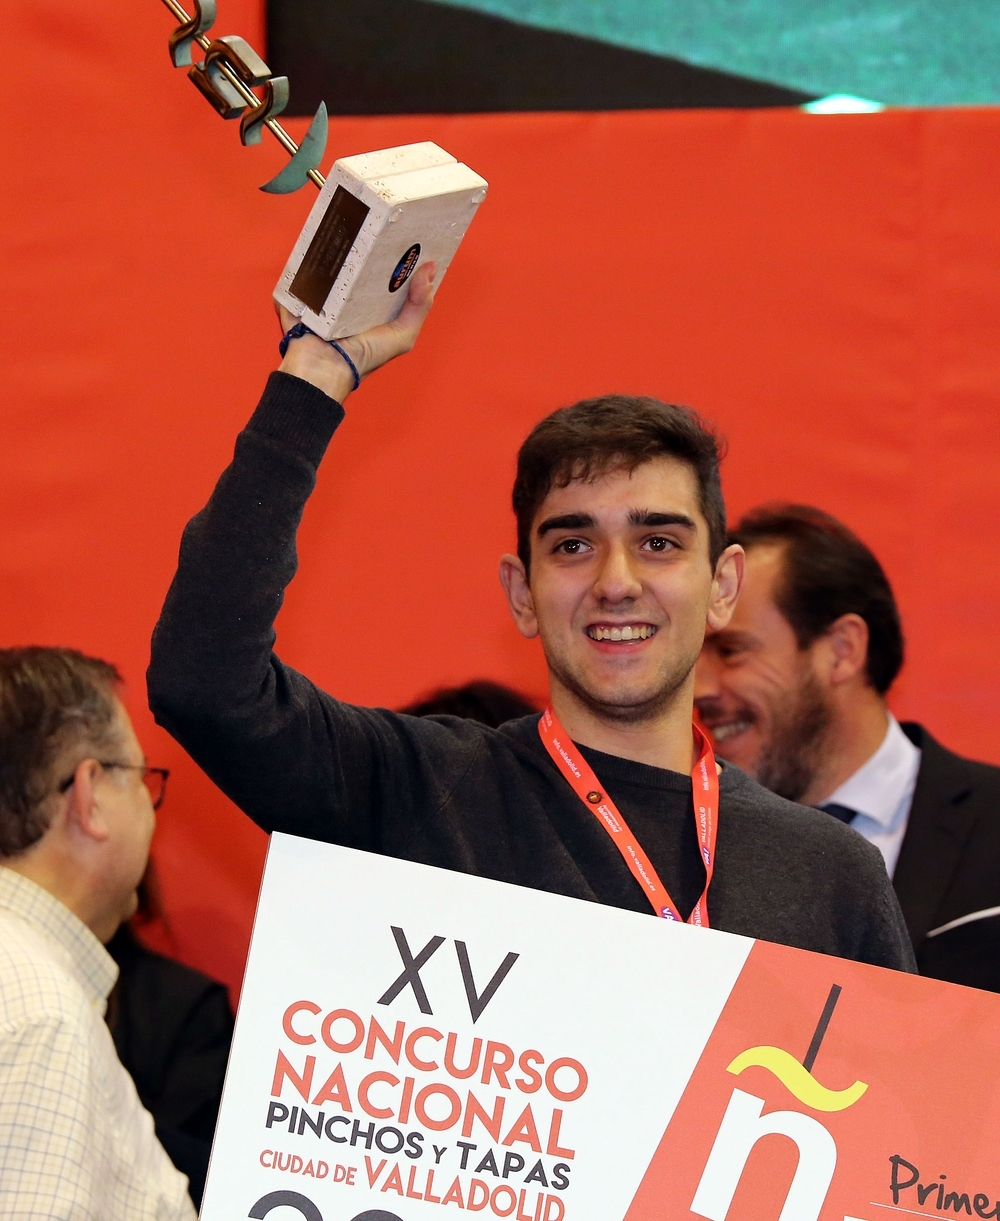 El premio está dotado con 6.000 euros.